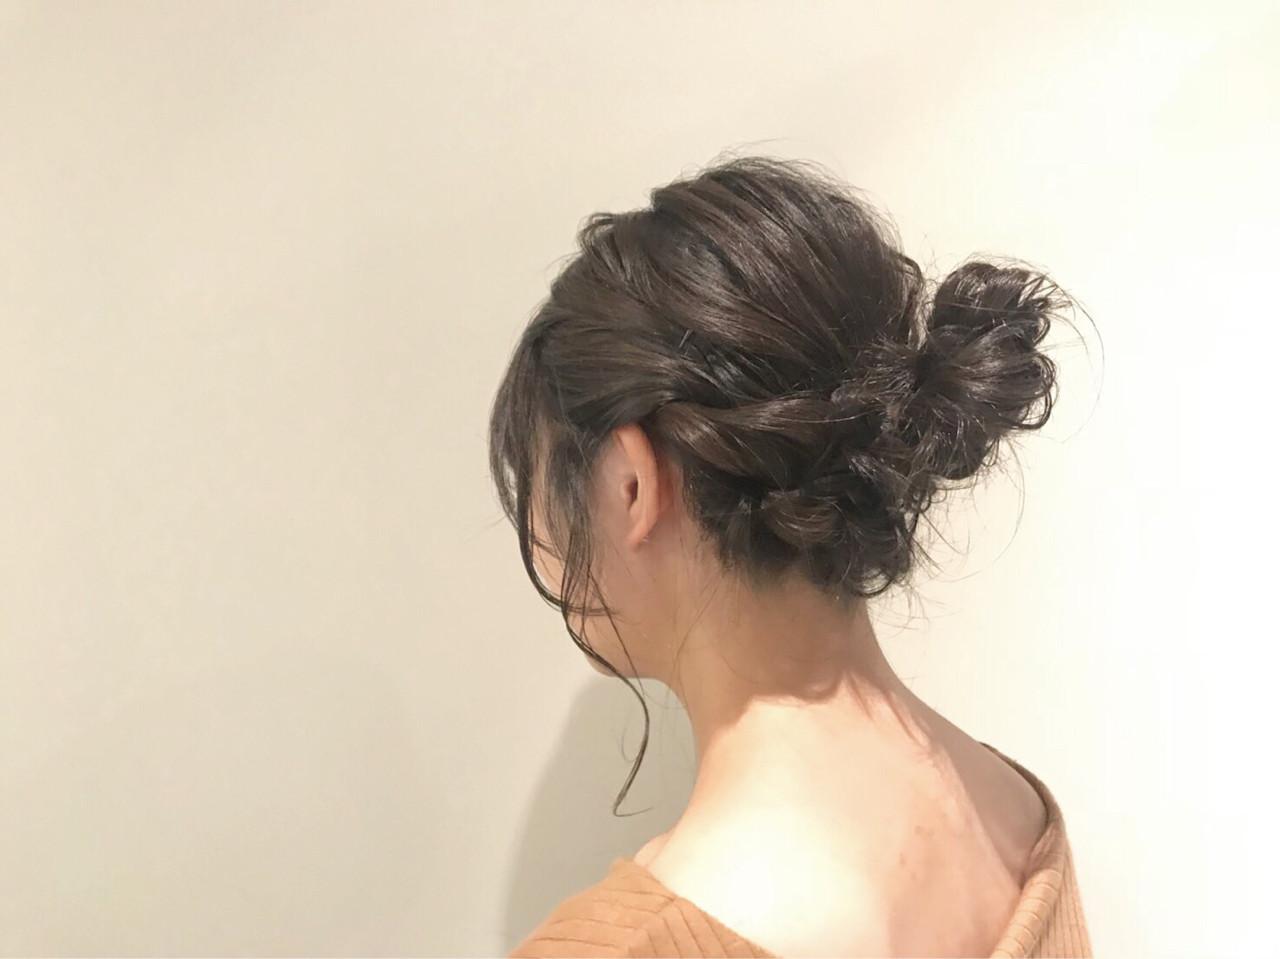 ミディアム ルーズ お団子 三つ編み ヘアスタイルや髪型の写真・画像